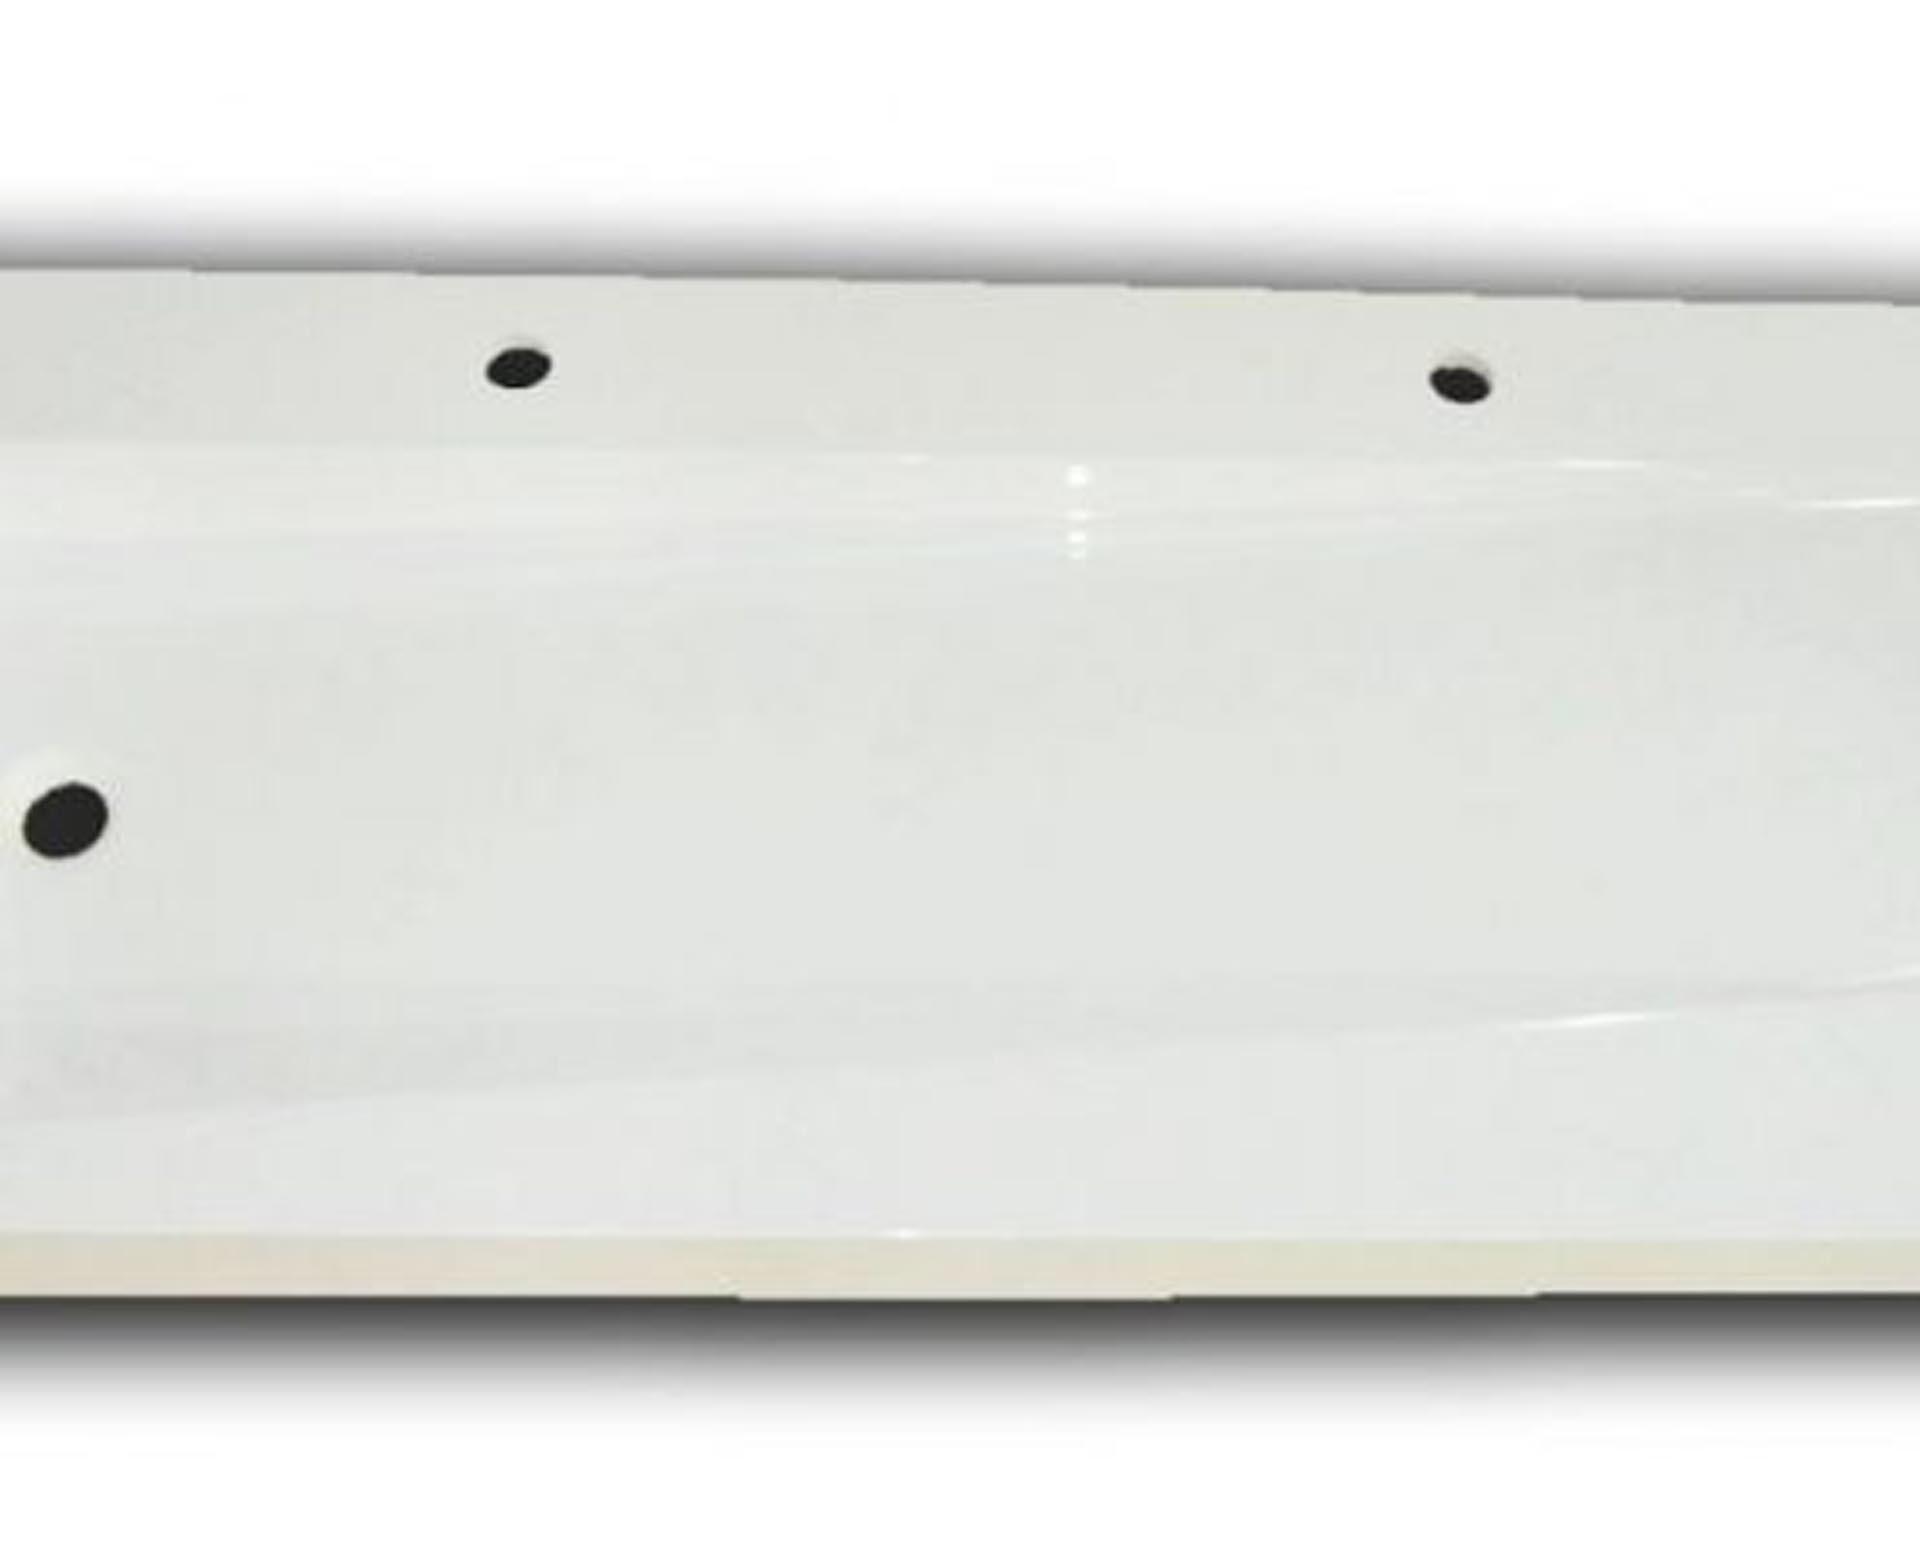 Flot designhåndvask i Kunstmarmor (Top-Solid). Vasken er lavet i hvid højglans komposit, som gør den meget nem at holde ren. Vasken har målene: 121 x 54 x 10 cm. Vasken tåler alle former for rengøringsmidler. Vasken kan bruges som fritstående vask - da vasken er flad i bunden er den velegnet til at placere direkte på en bordplade. Vasken er hensynsmæssigt designet med fine rundinger, som både giver vasken et eksklusivt udtryk og gør den rengøringsvenlig. Vasken vedligeholdes med voks - vi anbefaler en behandling med vores egen naturvoks ID12002 et par gange om året for at opnå optimalt look.